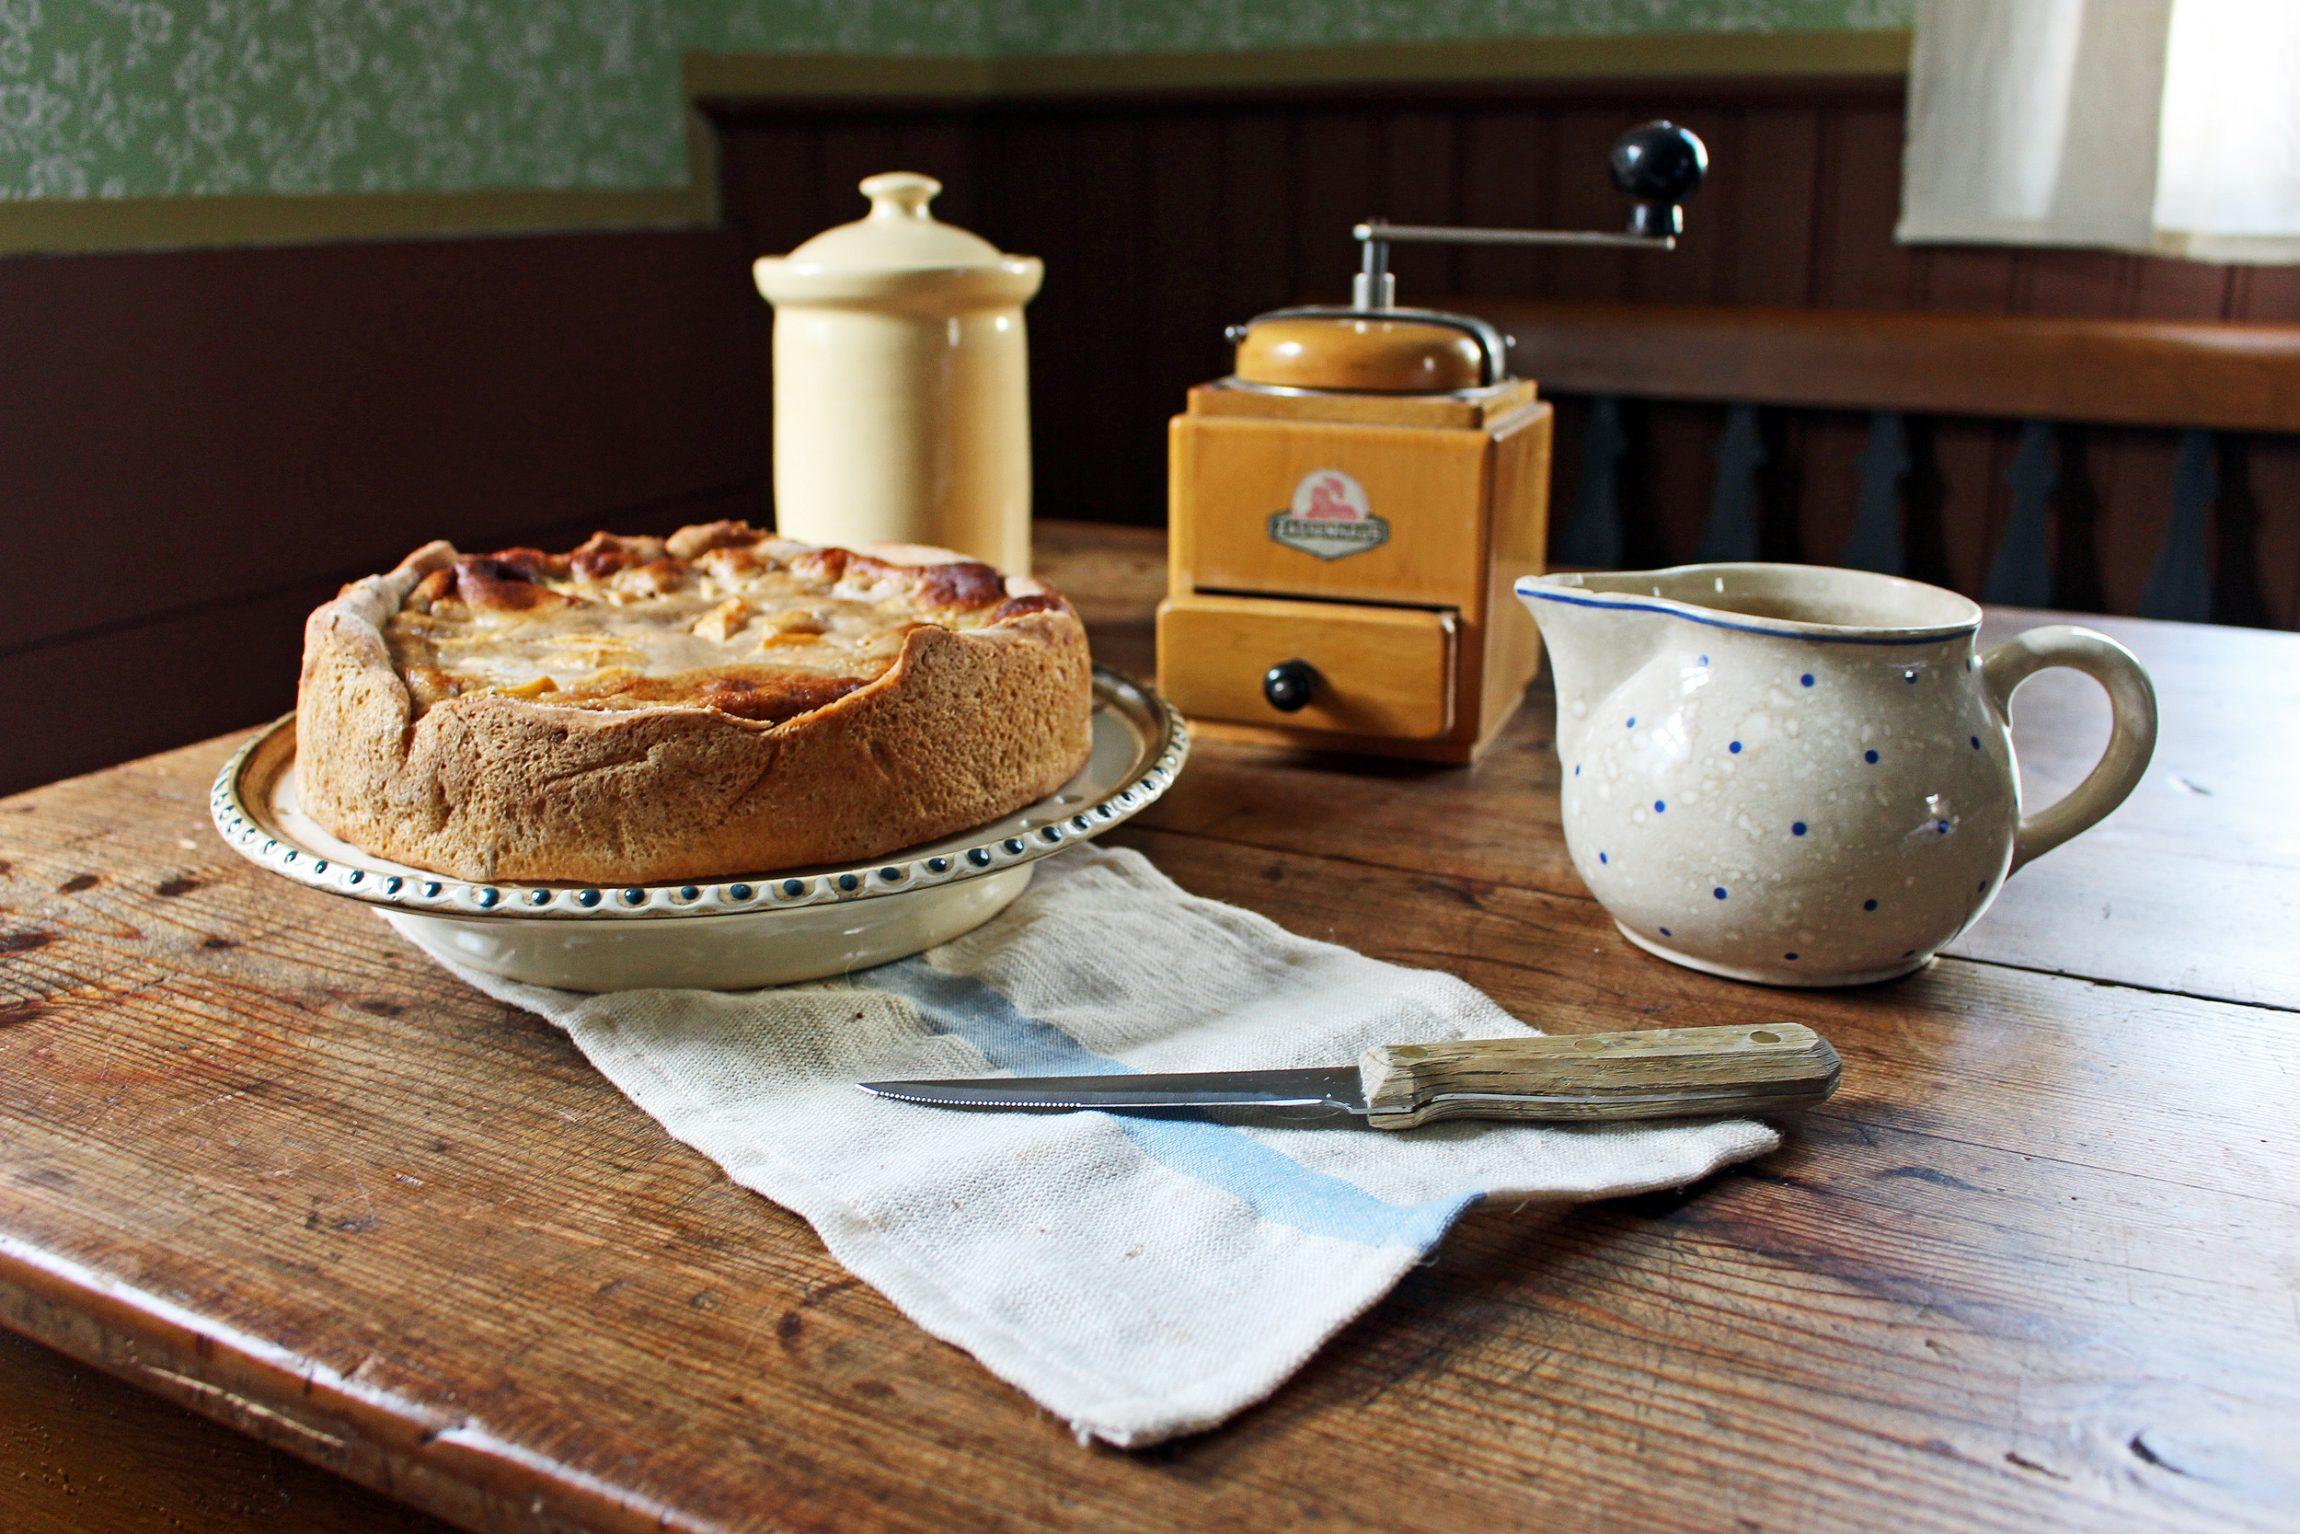 Apfelkuchen auf dem Tisch im Haus aus Eisemroth